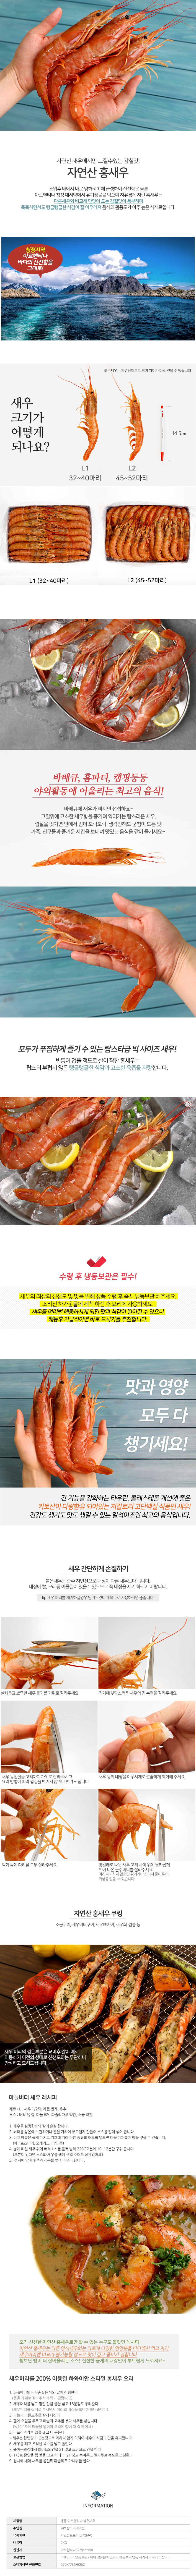 red_shrimp.jpg